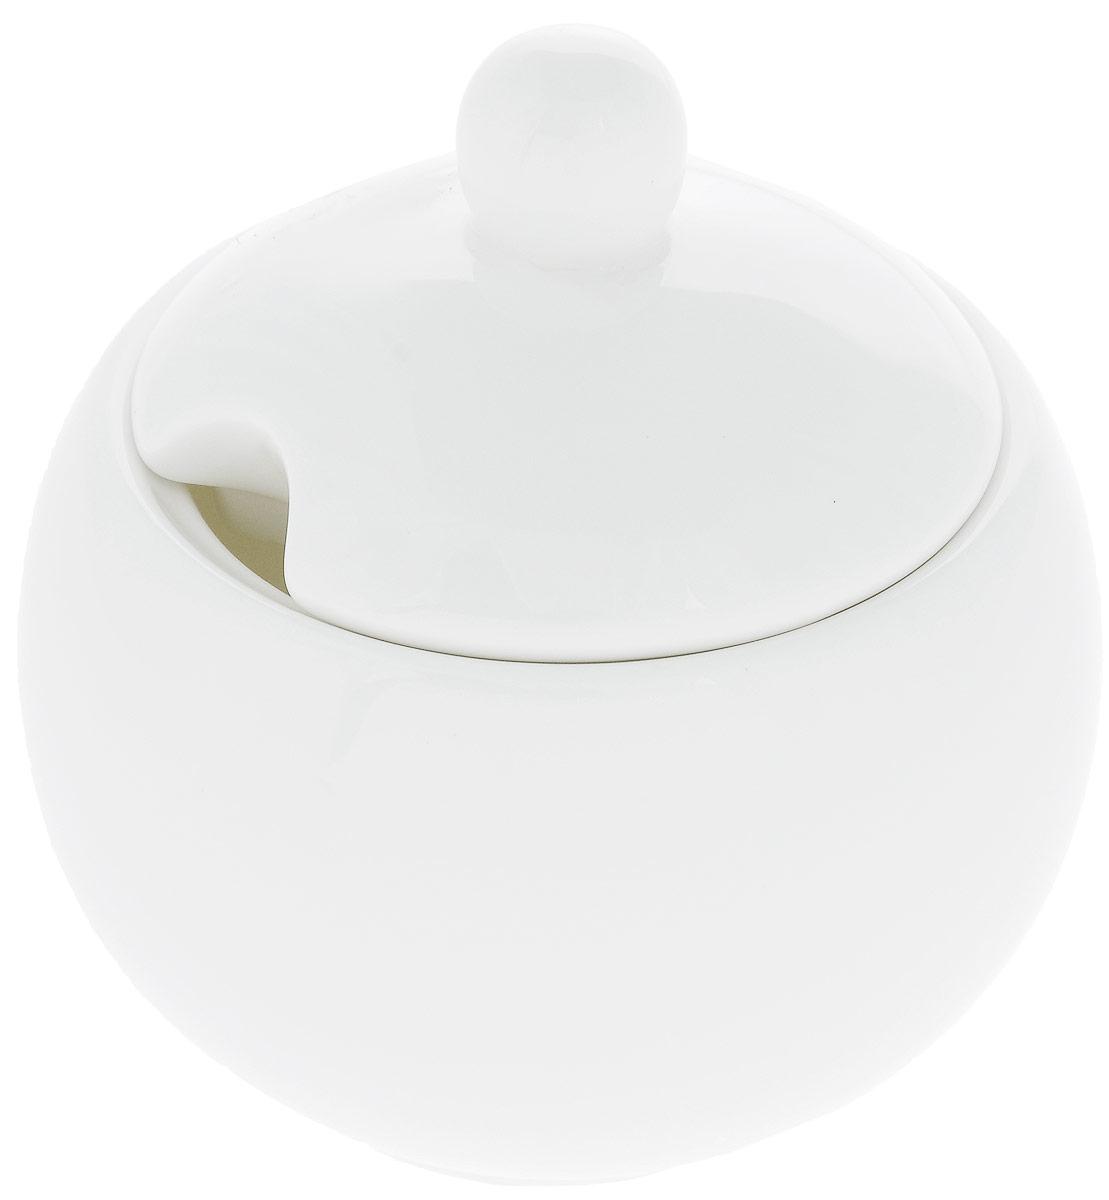 Сахарница Wilmax, 325 млVT-1520(SR)Сахарница Wilmax выполнена из высококачественного фарфора с глазурованным покрытием.Изделие имеет элегантную форму и может использоваться в качестве креманки. Десерт, поданный в такой посуде, будет ещё более сладким. Сахарница Wilmax станет отличным дополнением к сервировке семейного стола и замечательным подарком для ваших родных и друзей.Можно мыть в посудомоечной машине и использовать в микроволновой печи. Диаметр (по верхнему краю): 8 см. Высота (без учета крышки): 7 см.